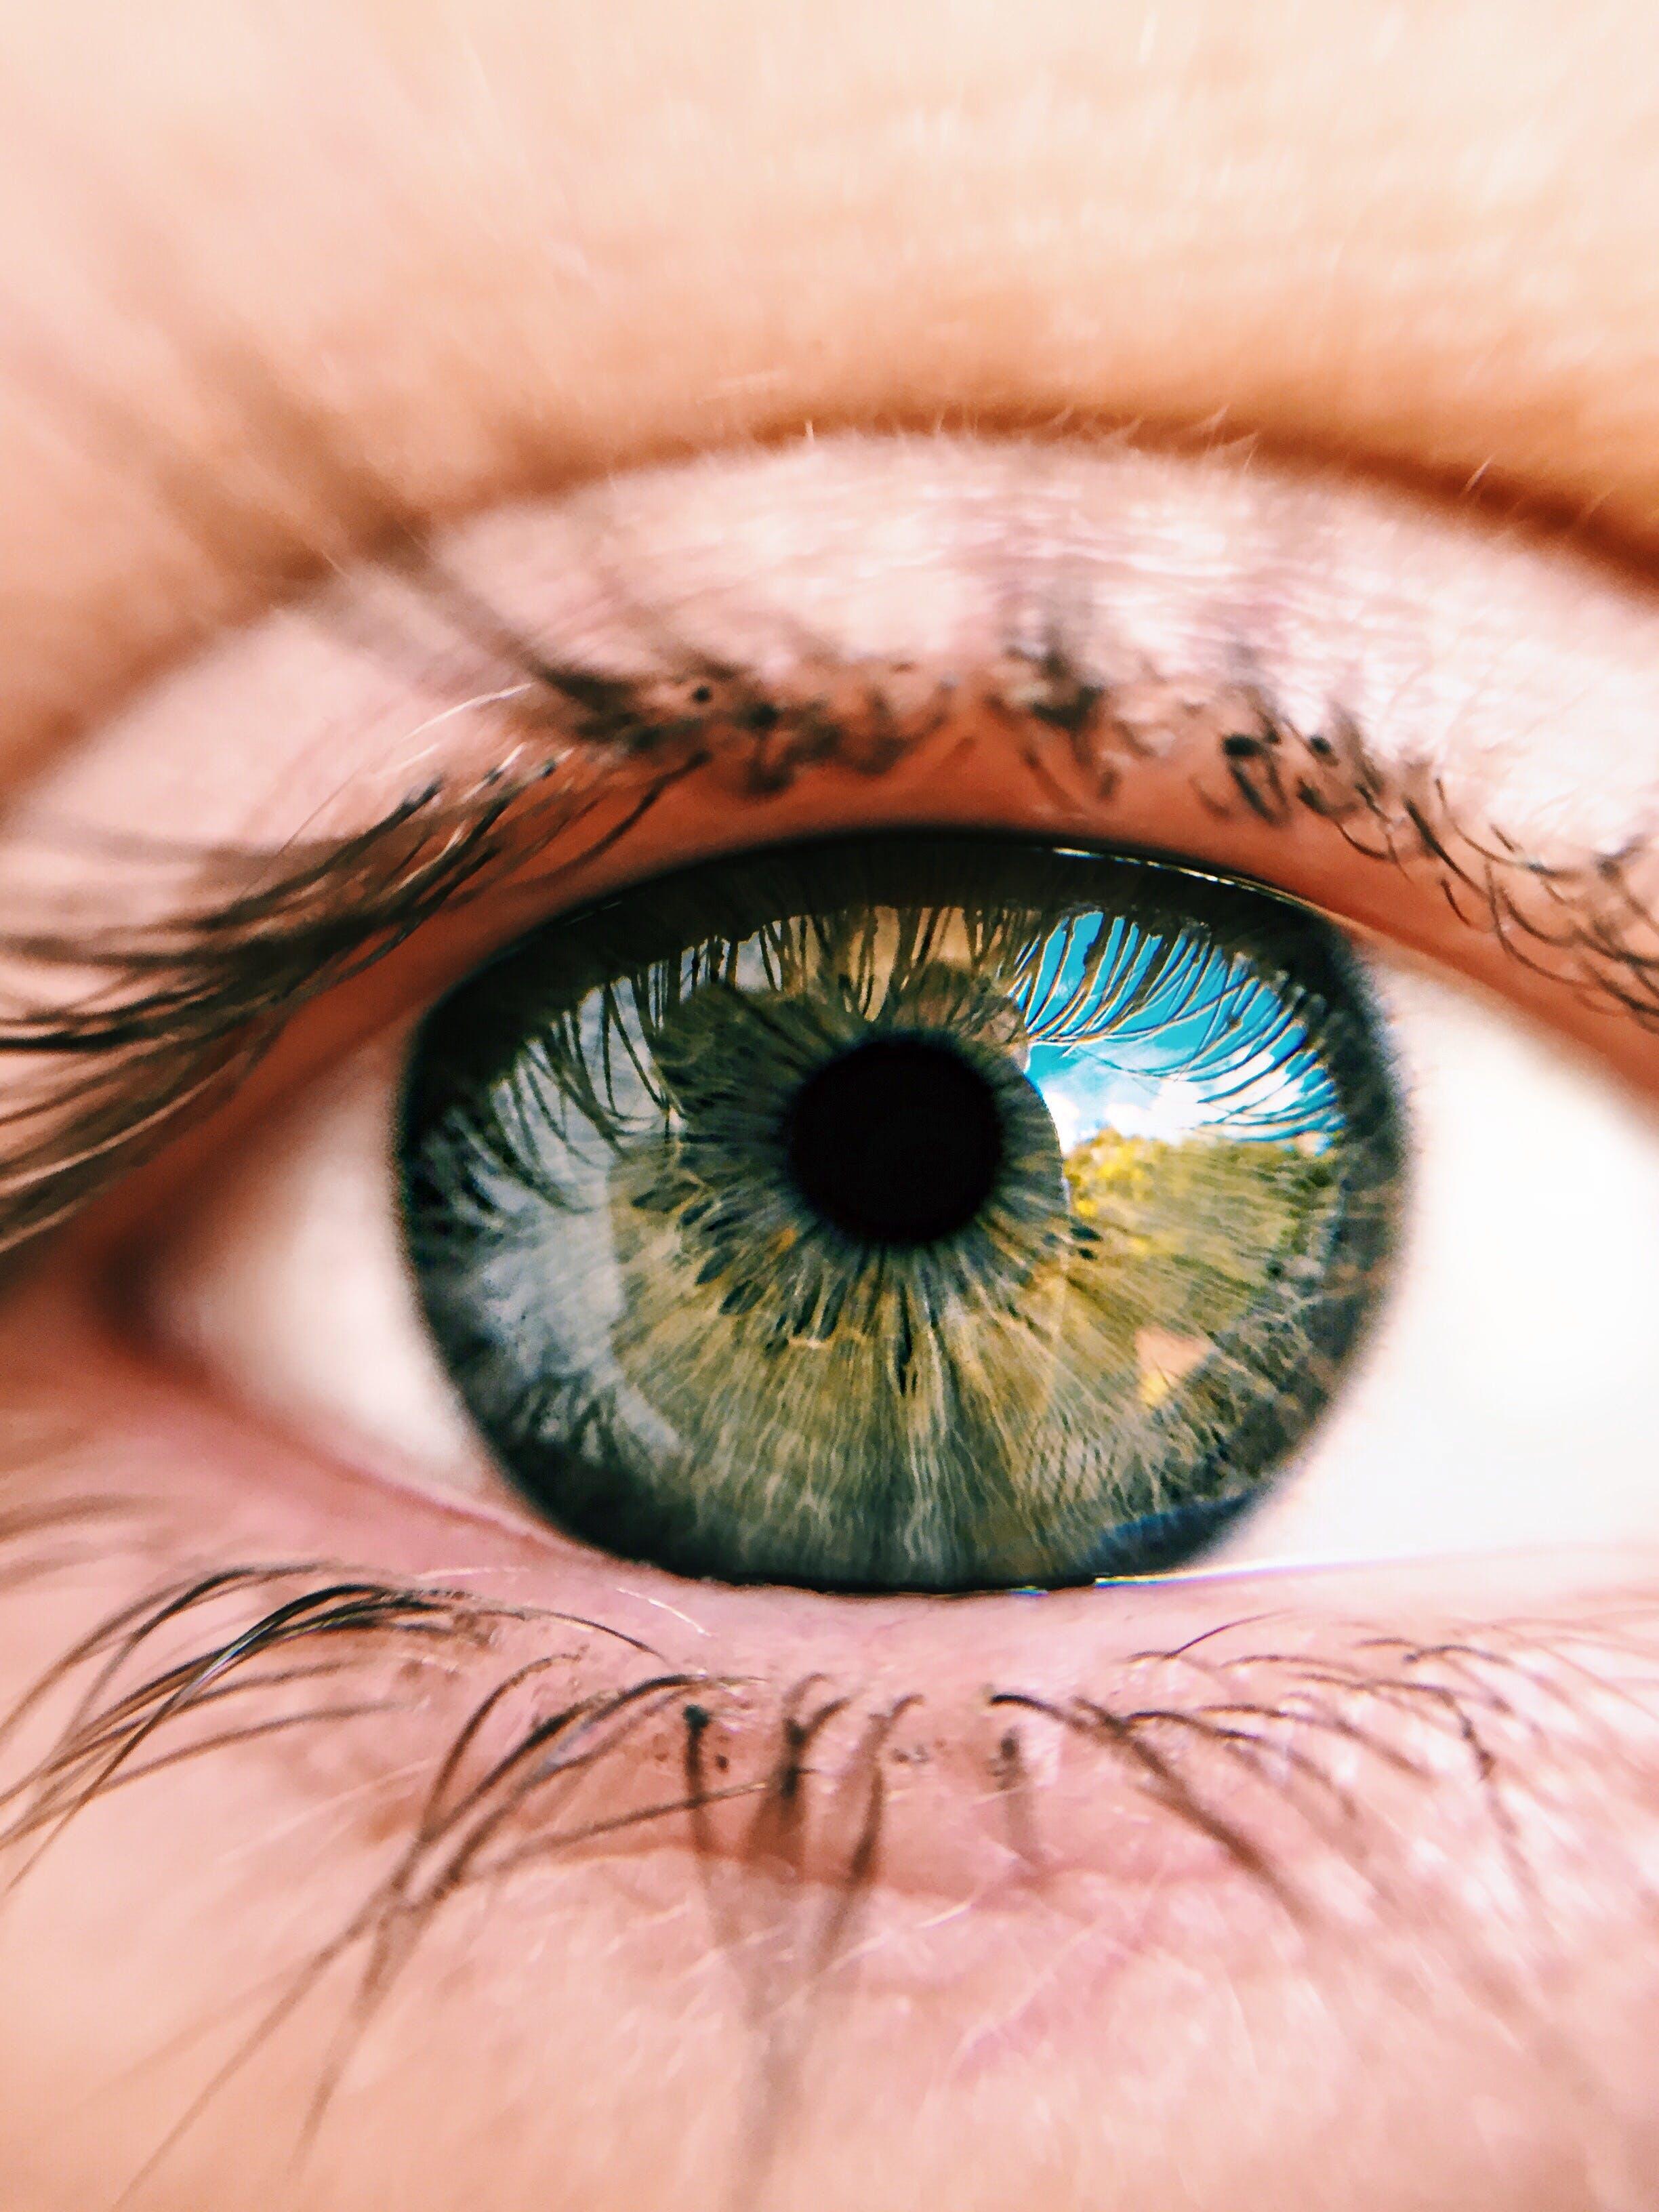 Immagine gratuita di allievo, bulbo oculare, ciglia, cornea